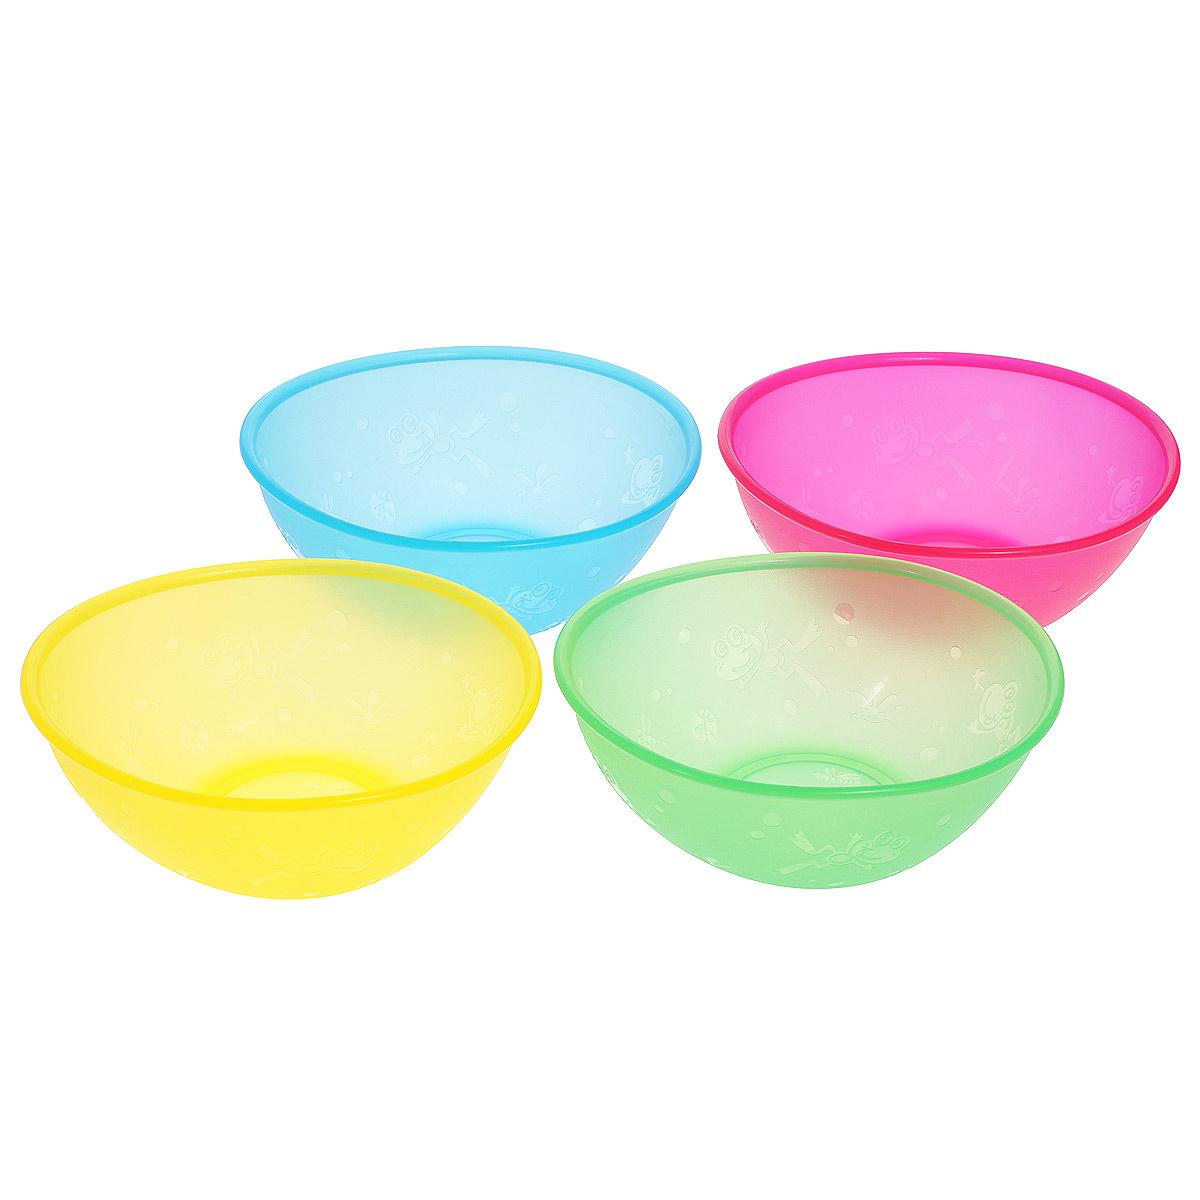 Набор тарелок Nuby, 12 см х 14 см, 4 шт115510Набор Nuby включает 4 овальных разноцветных тарелки, изготовленных из высококачественного пищевого пластика (не содержит бисфенол А). Внешние стенки оформлены рельефом в виде лягушат и стрекоз. Нескользящее покрытие придает тарелкам большую устойчивость. Тарелки достаточно глубокие, они прекрасно подходят и для вторых блюд, и для супов, и для каш. Также подходят для кормления. Для детей с 6-ти месяцев. Разные цвета помогут создать праздник для вашего малыша. Можно использовать во время пикника.Можно мыть в посудомоечной машине и ставить в СВЧ-печь. Размер тарелки (ДхШхВ): 12 см х 14 см х 5,5 см.